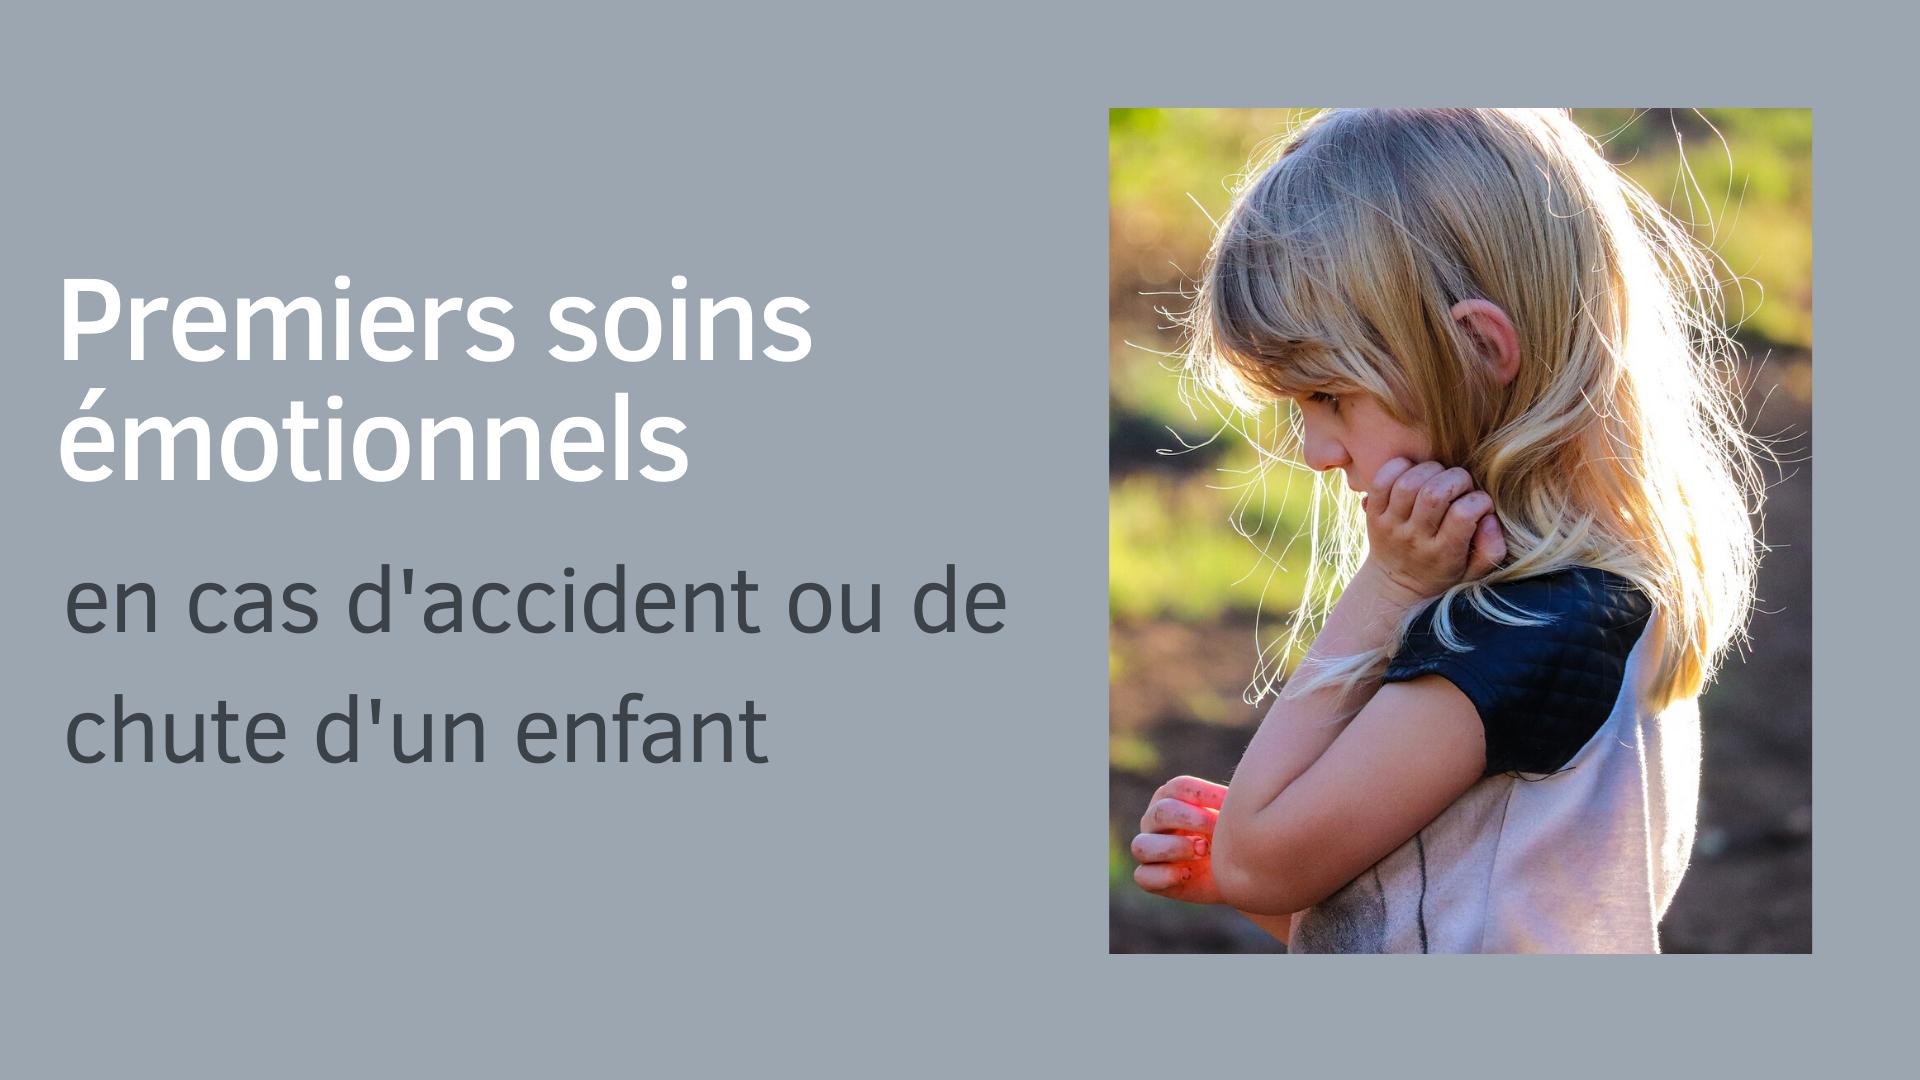 Premiers soins émotionnels chute accident enfant